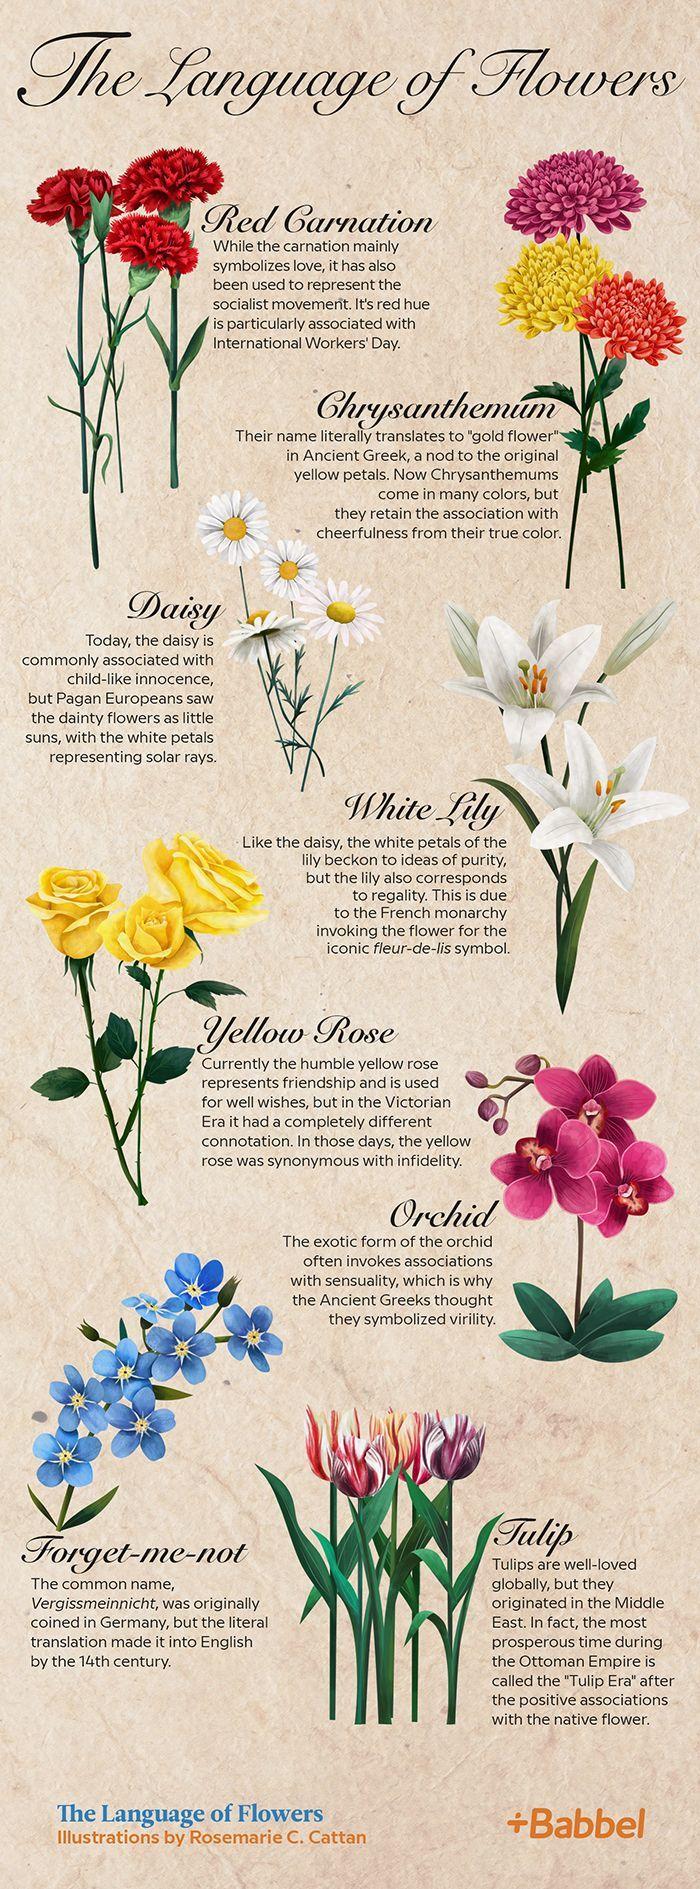 Die Sprache der Blumen blumen sprache Language of